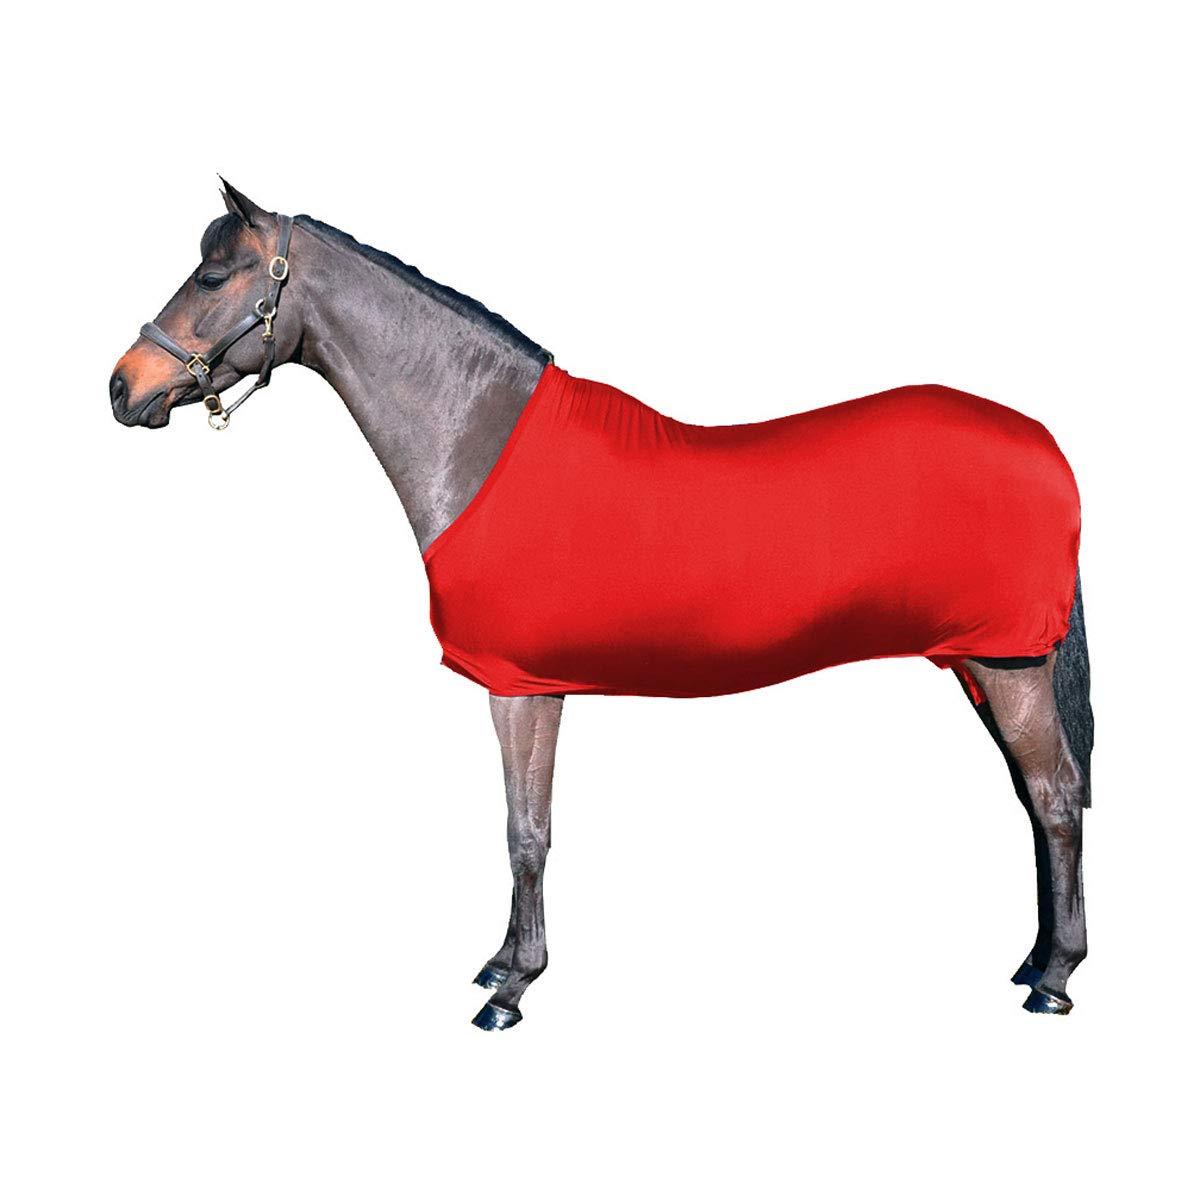 (スプリームプロダクツ) Supreme Products 馬用 ラグラップ Rug Wrap 馬着 乗馬 ホースライディング 14.2hh レッド B07N8Y35LY